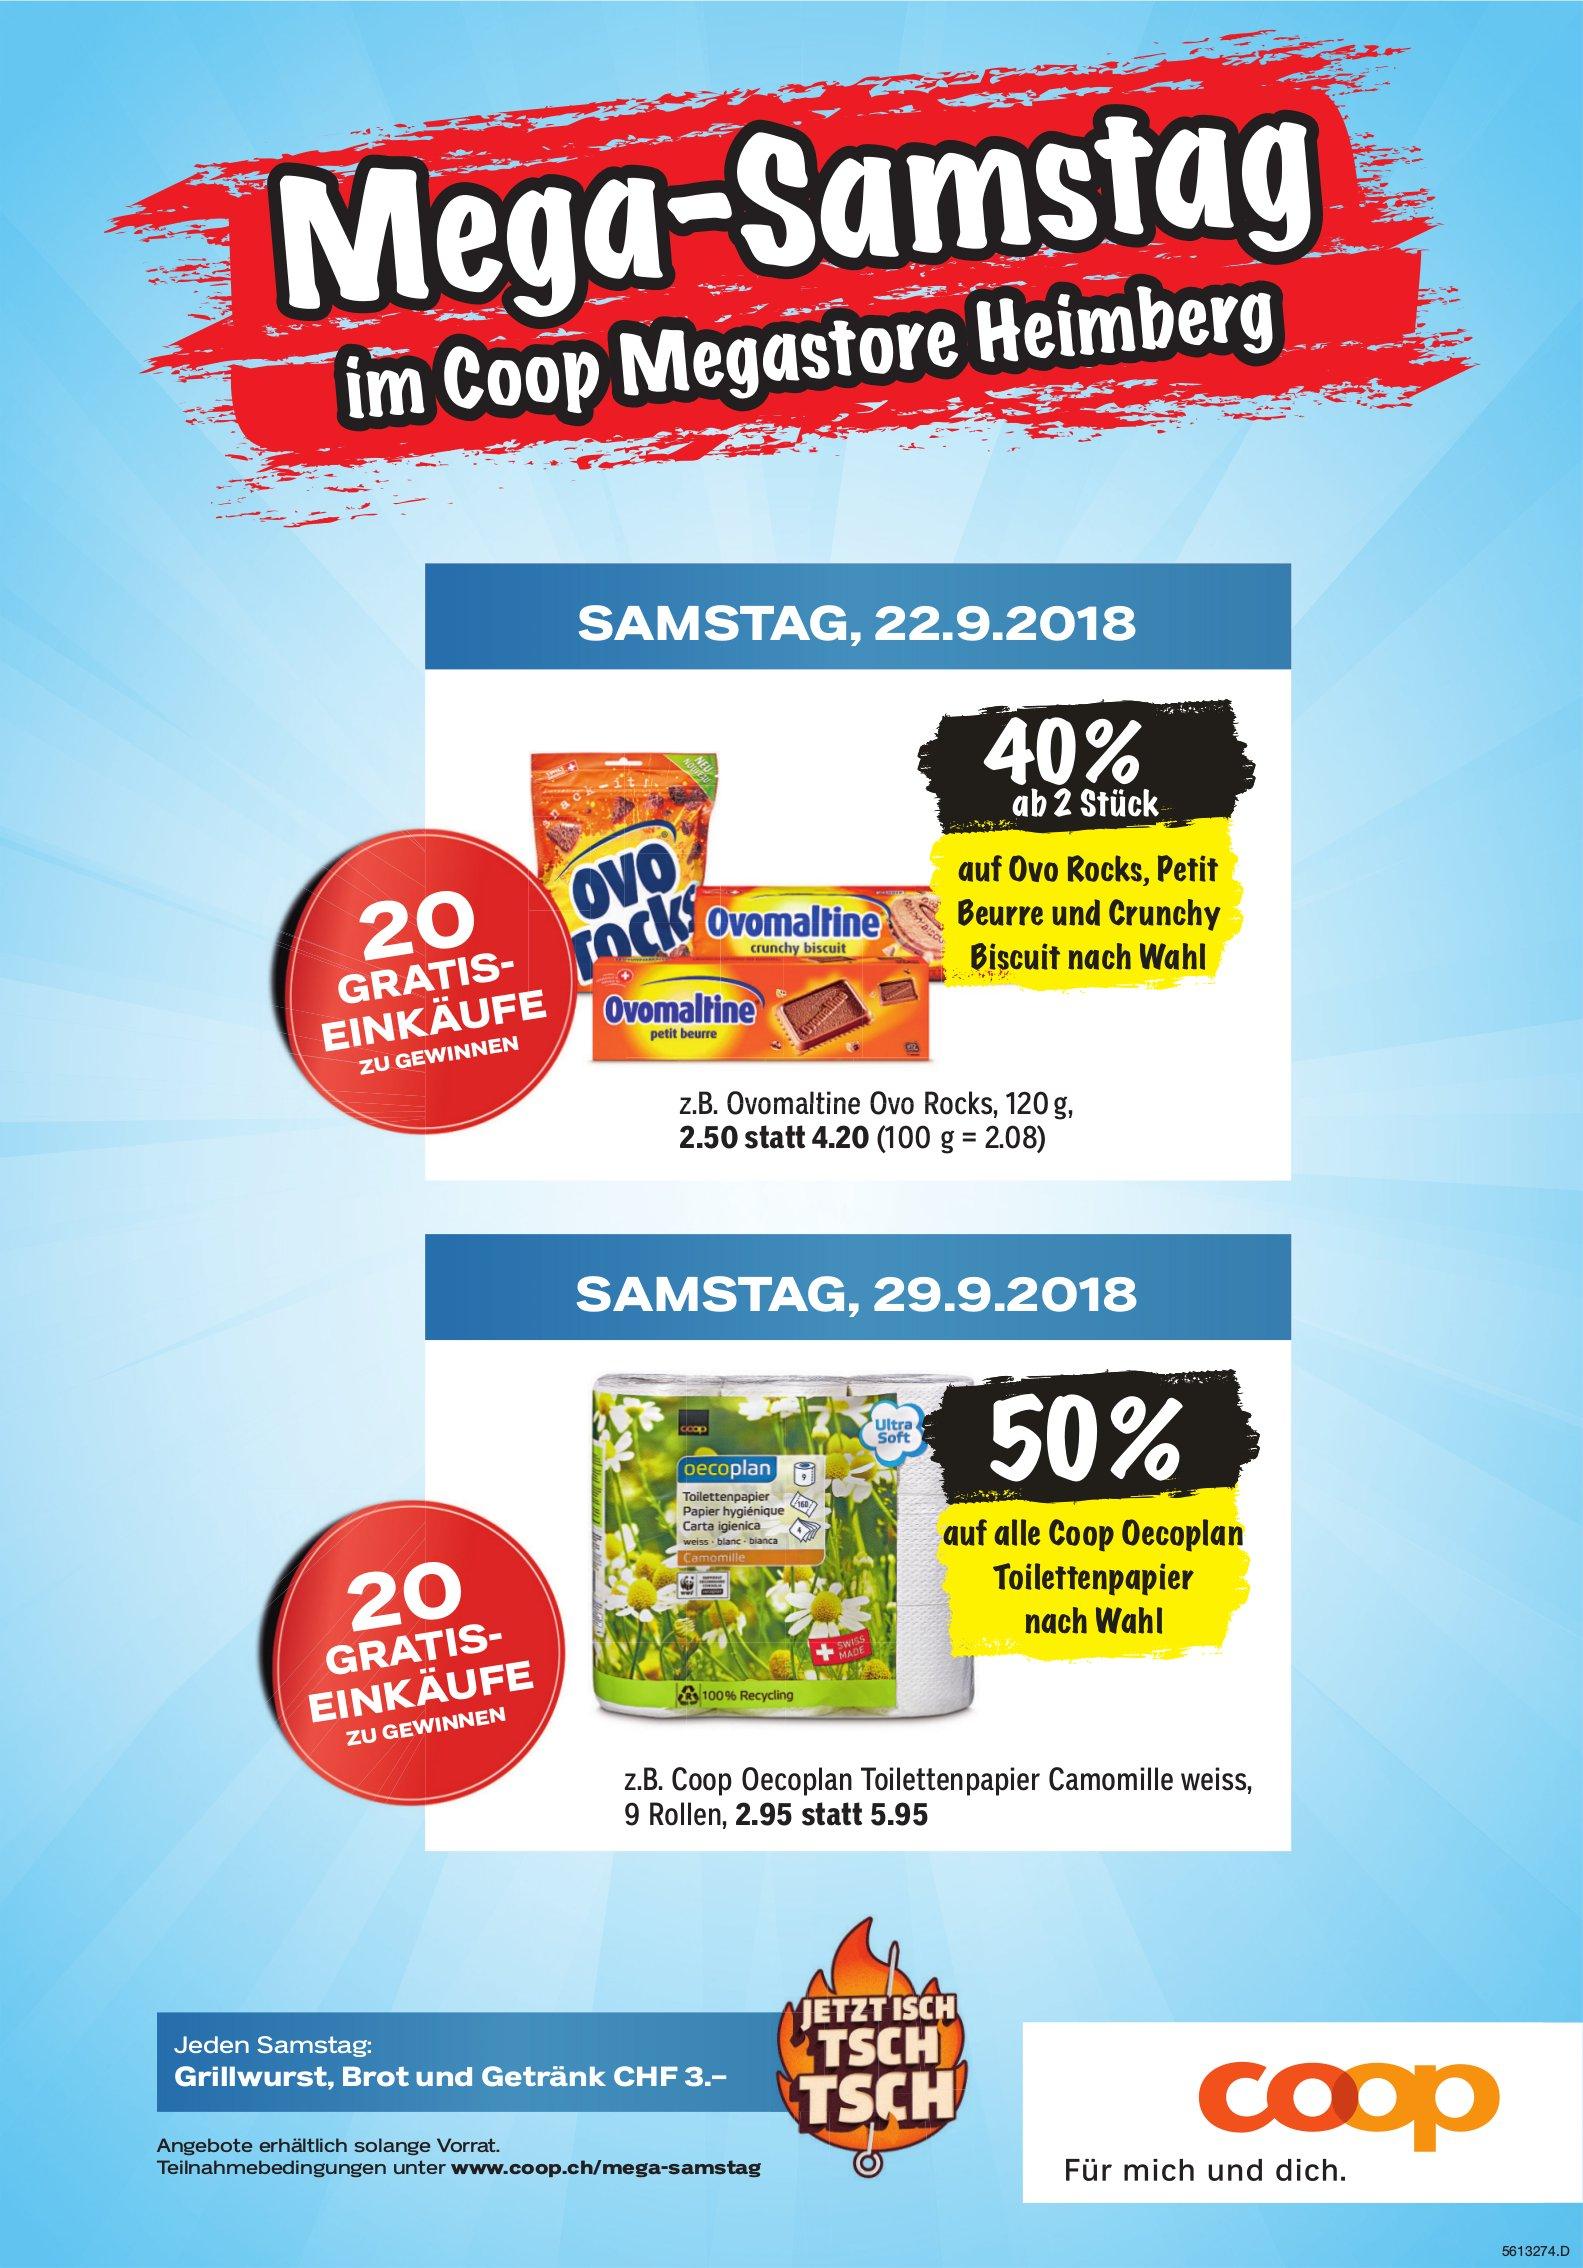 Mega-Samstag im Coop Megastore Heimberg